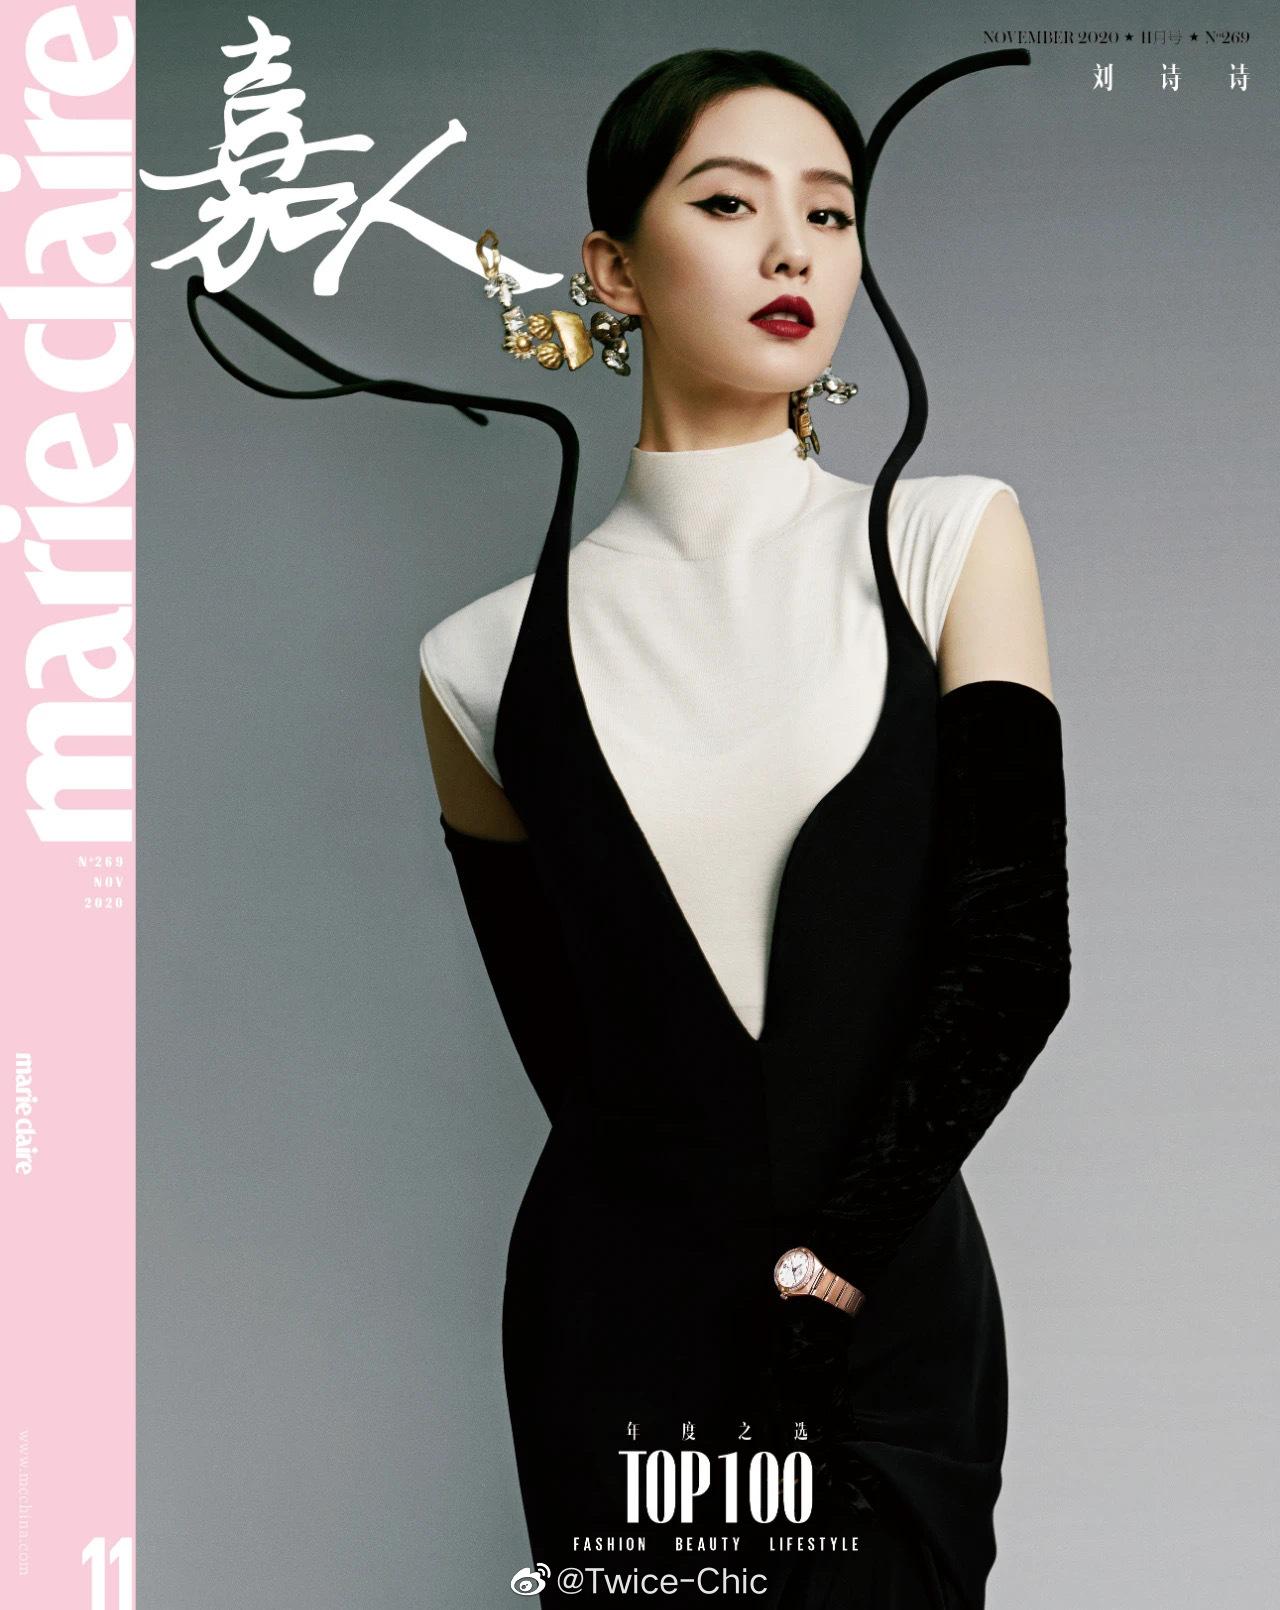 刘诗诗 x marie claire嘉人 11月刊封面大片 | 黑白的摩登优雅